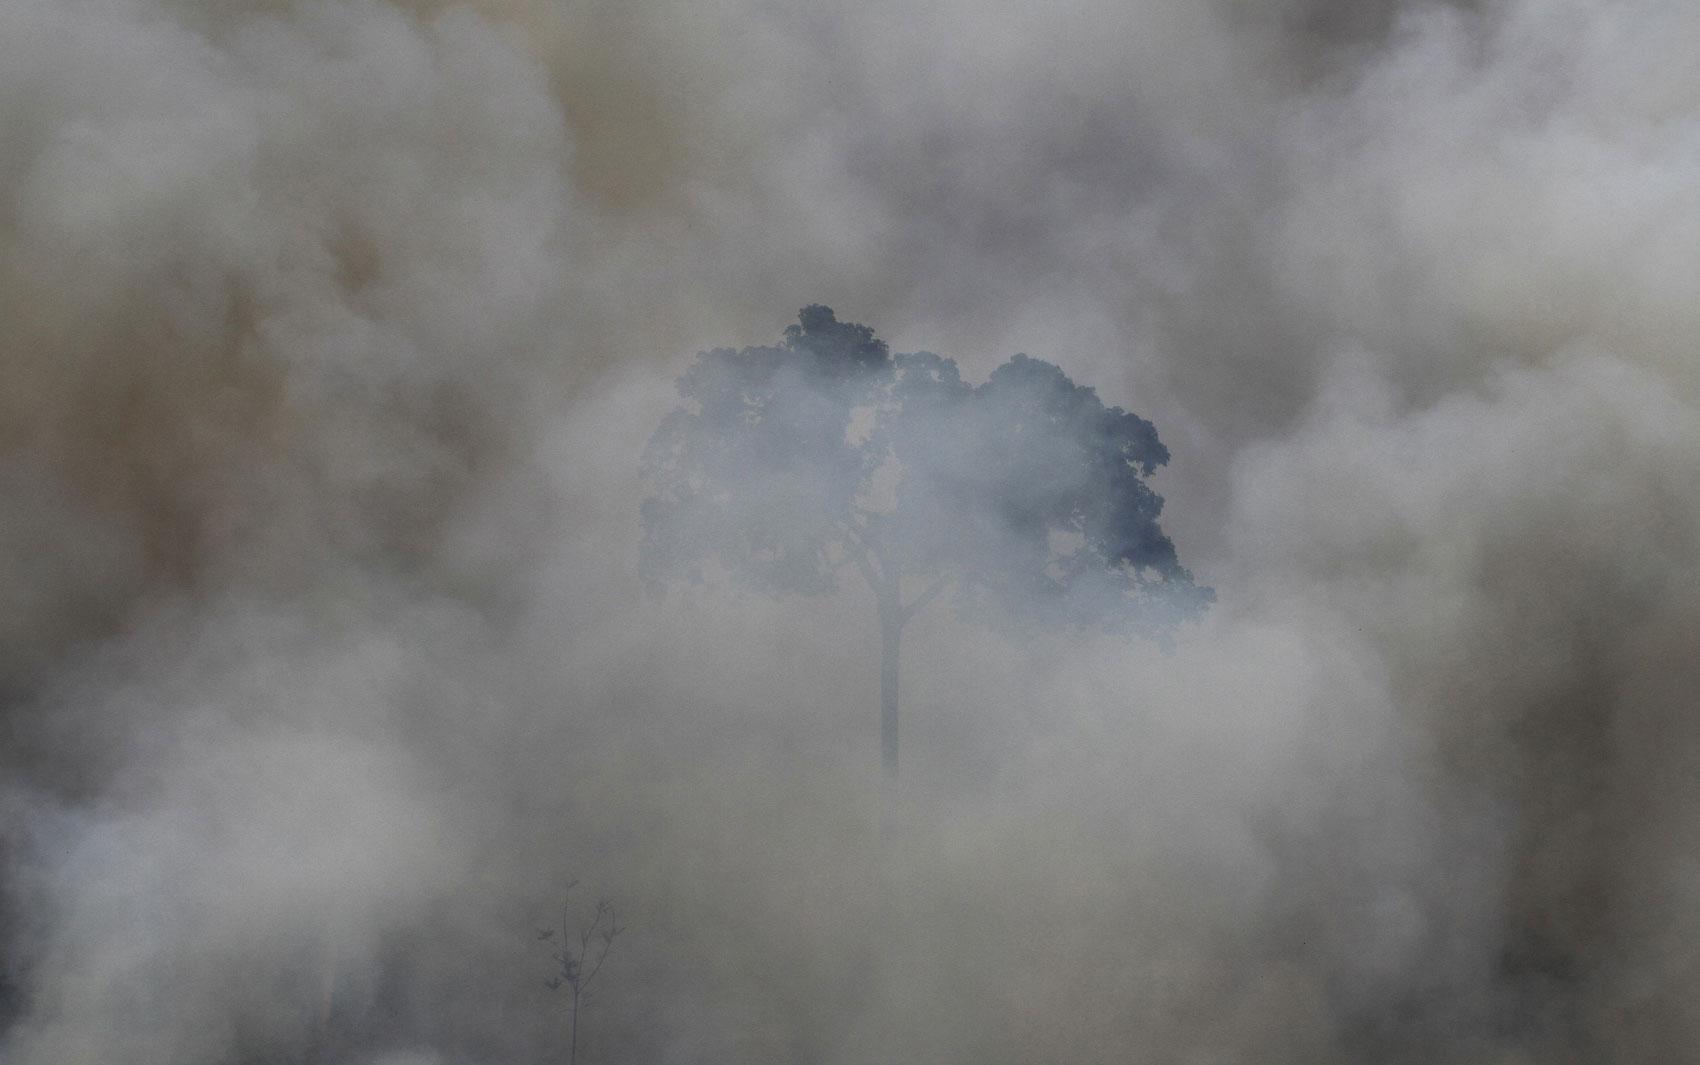 Árvore é vista em meio à queimada de área de floresta para o uso na agricultura perto de Novo Progresso (PA). Os fotógrafos Nacho Doce e Ricardo Moraes, da agência Reuters, viajaram pela Amazônia registrando formas de desmatamento. Foto de 23/9/2013.